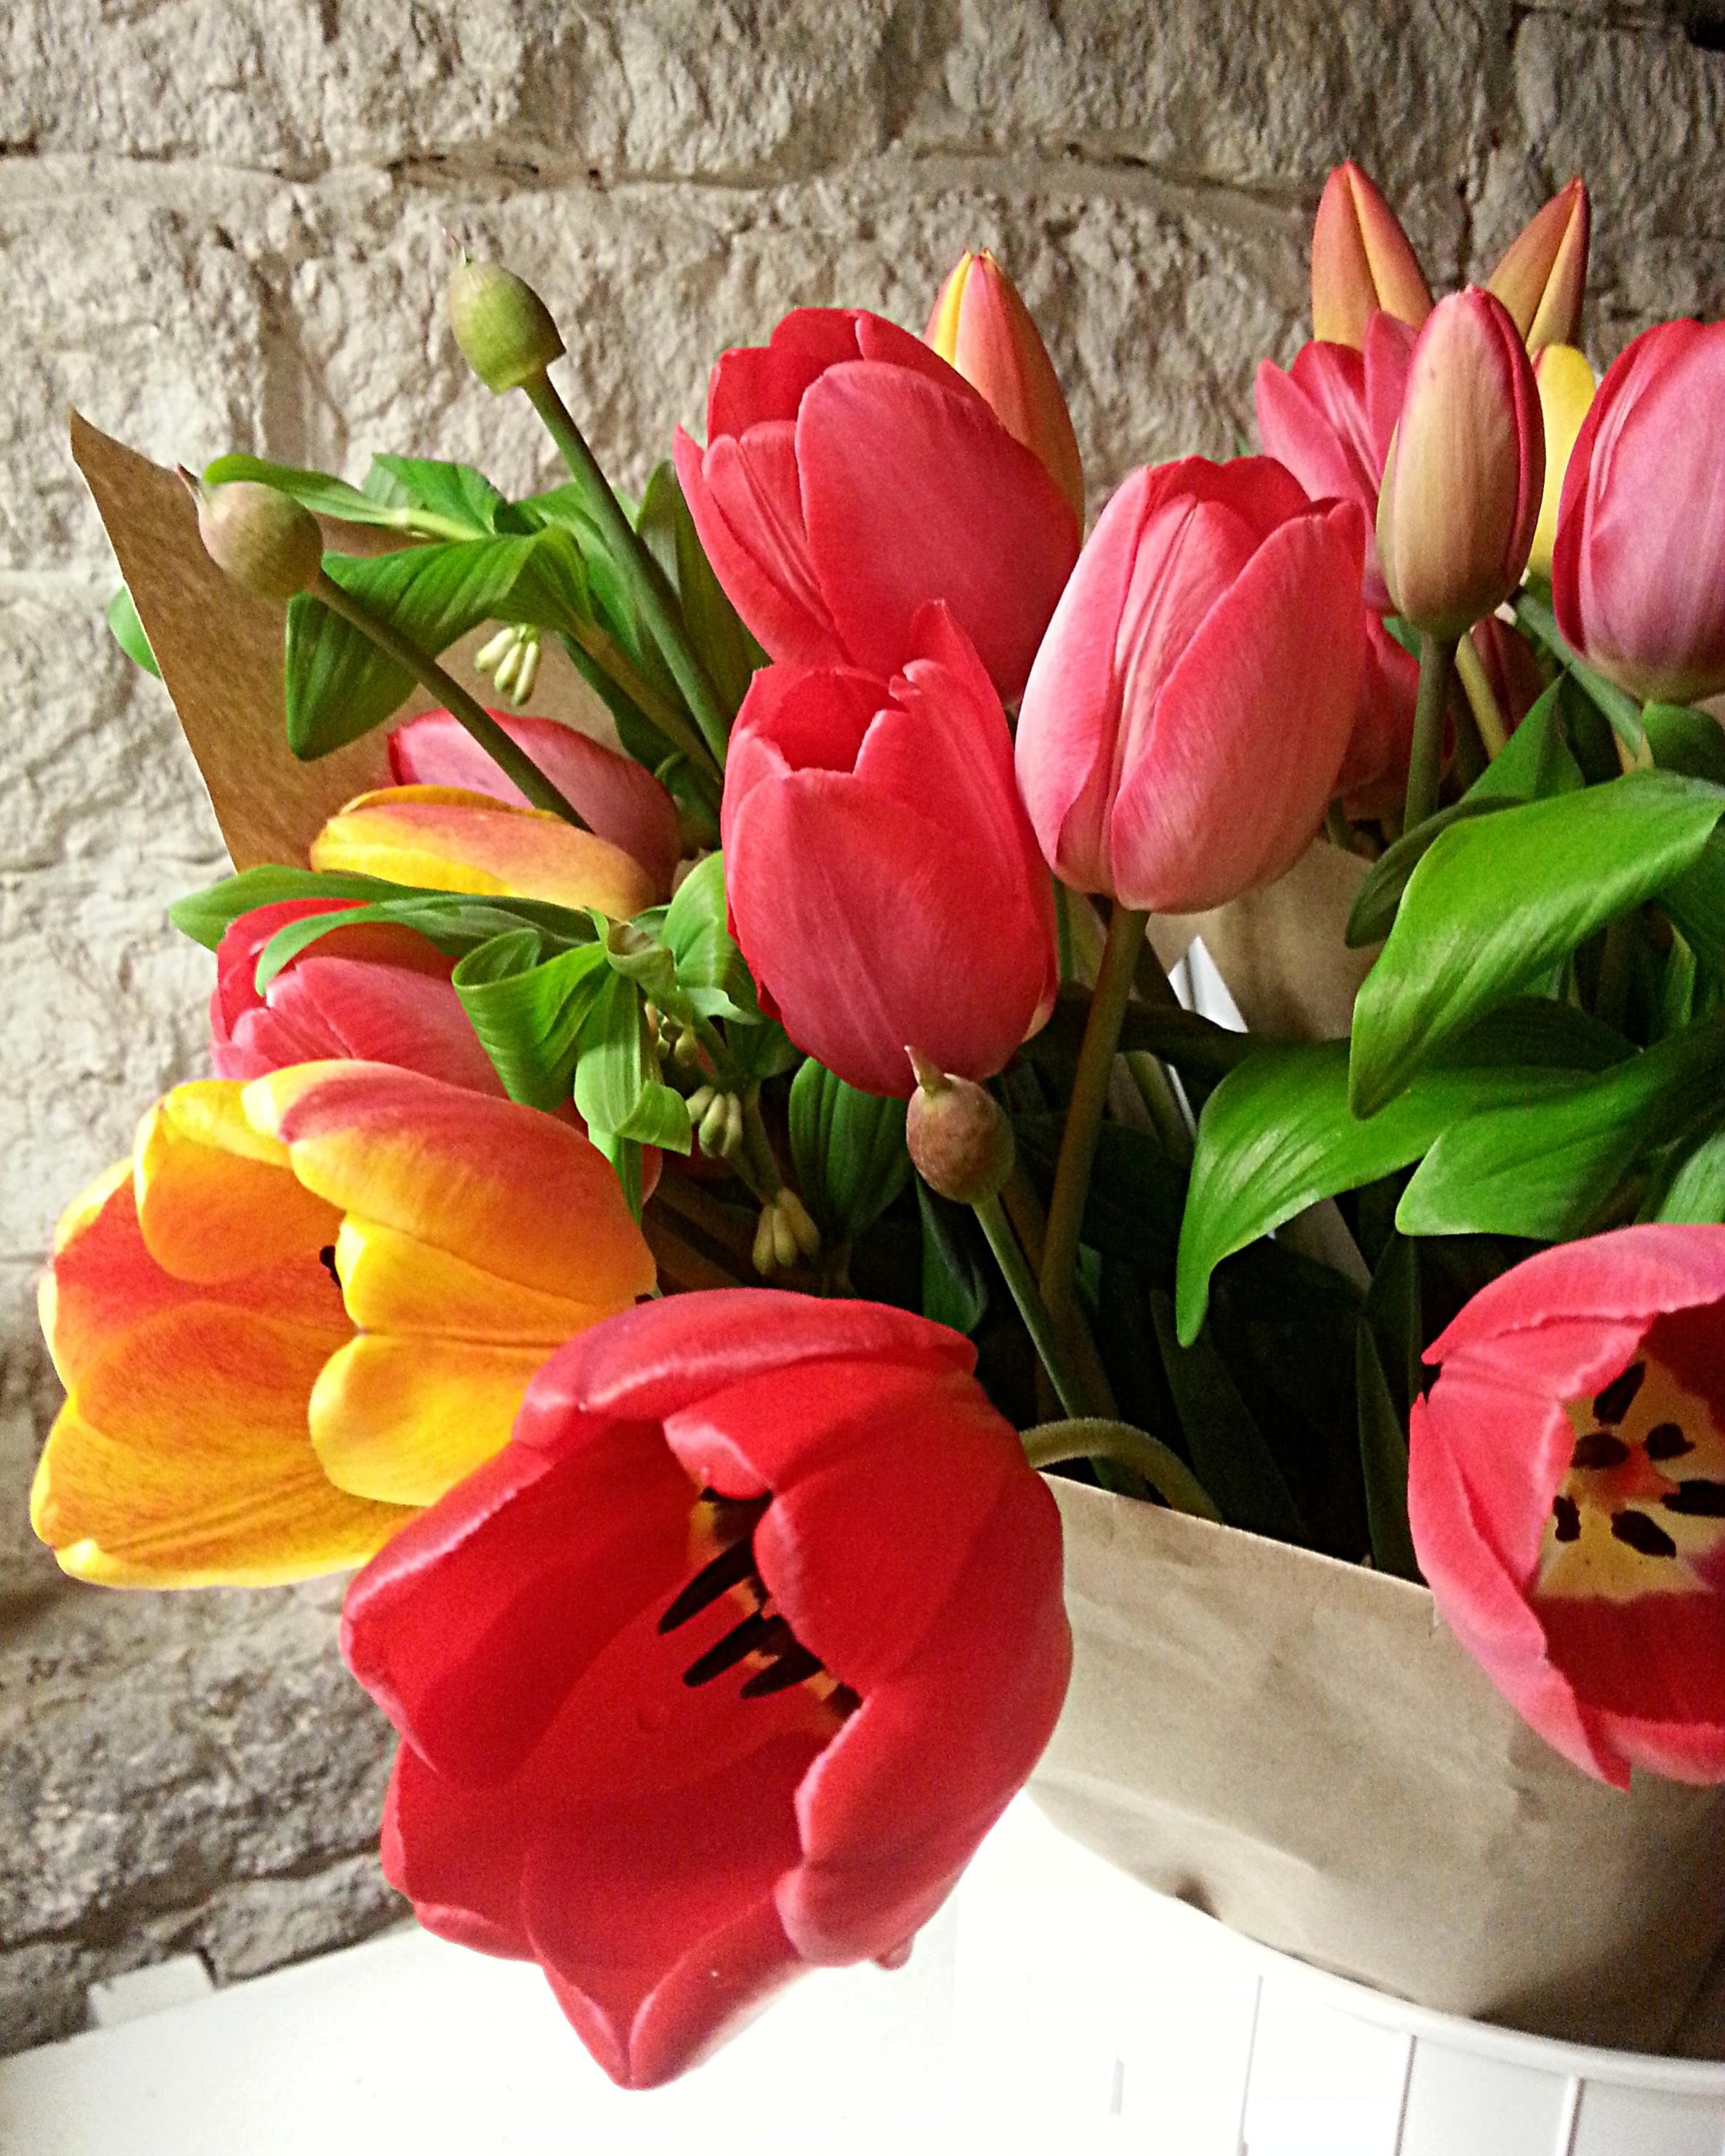 Tulips, Allium, Solomon's Seal